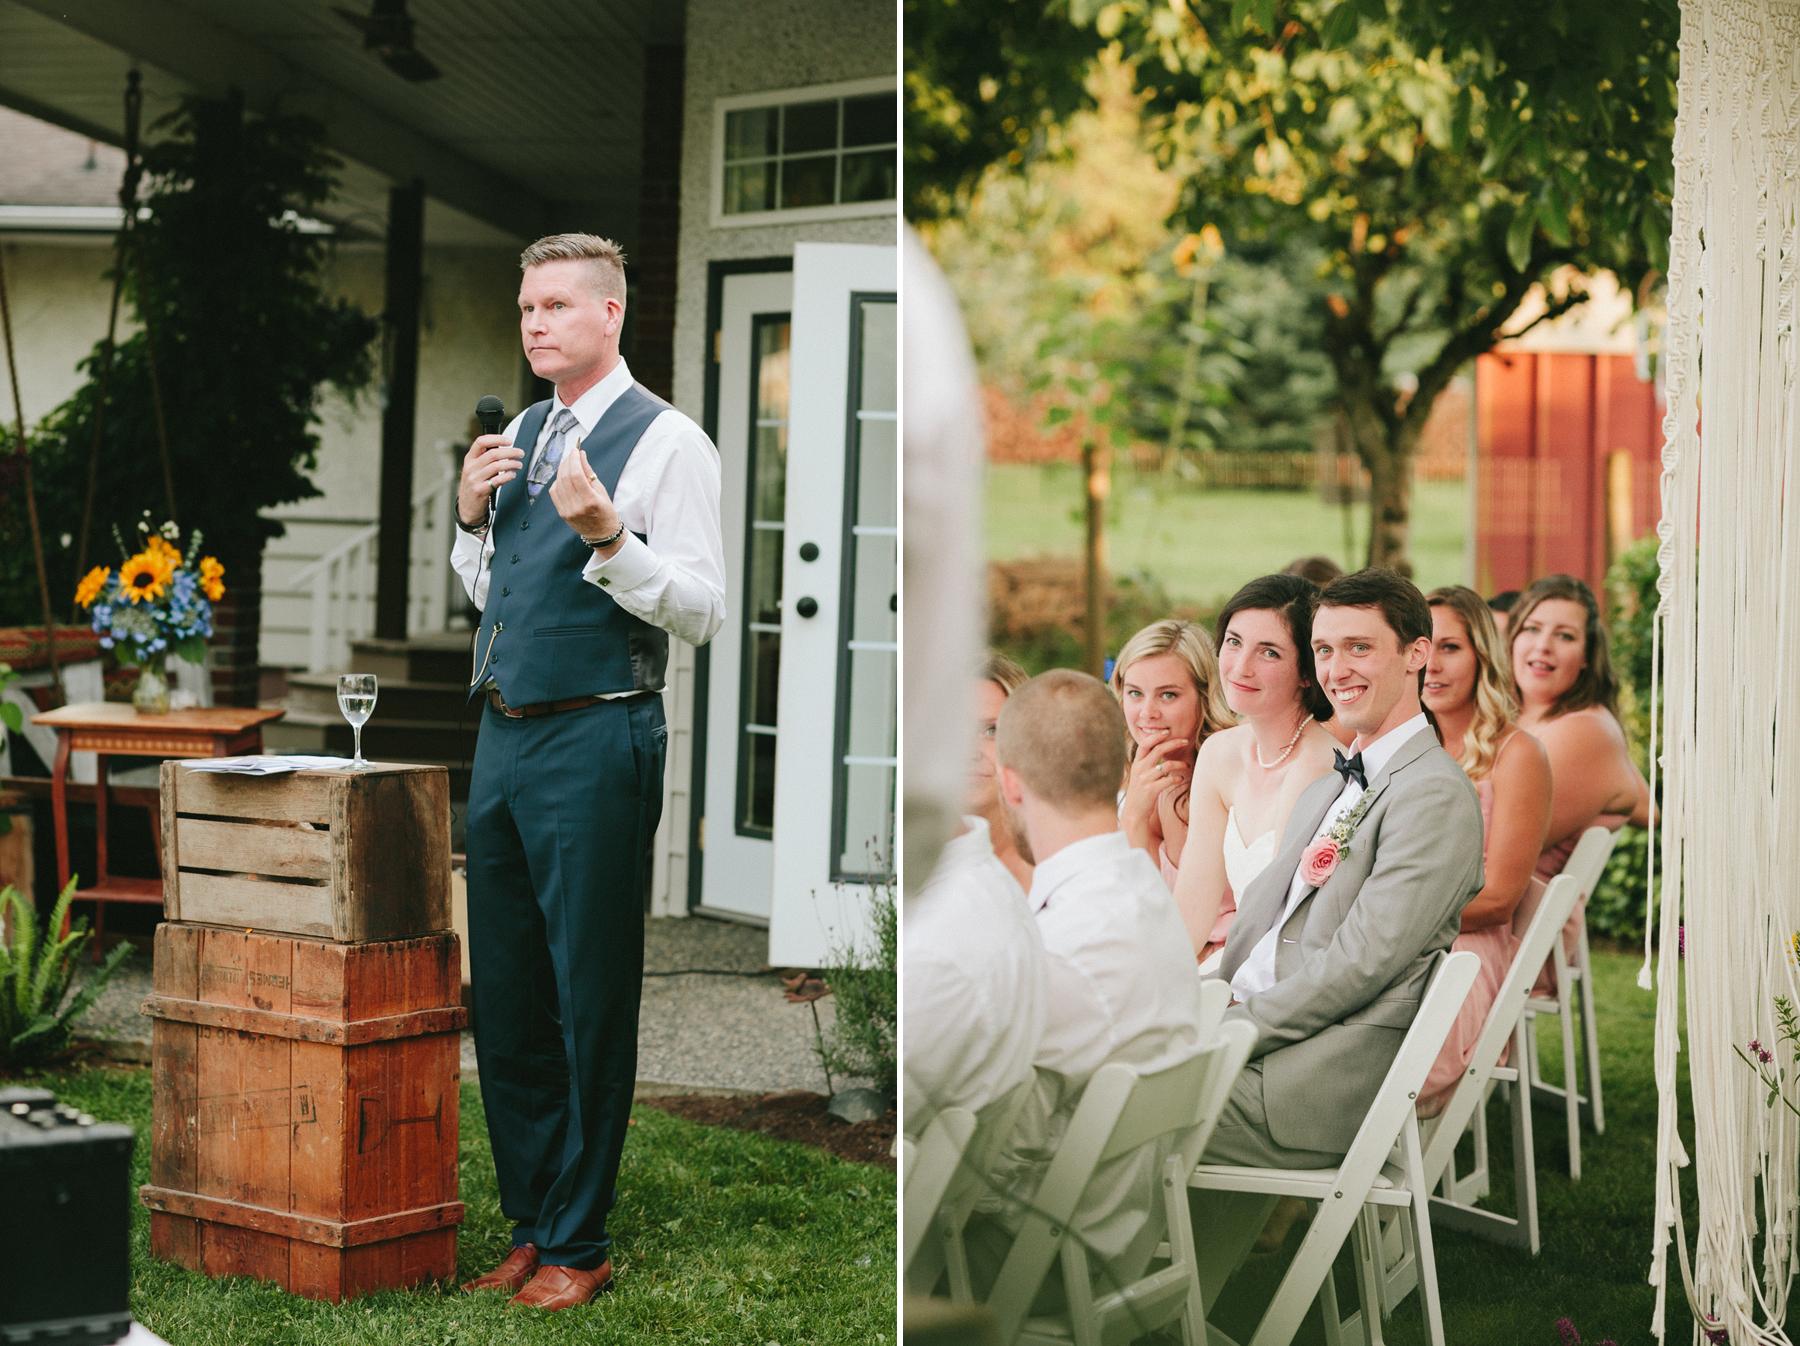 Vancouver-Rustic-Farm-Wedding-KB-185.jpg